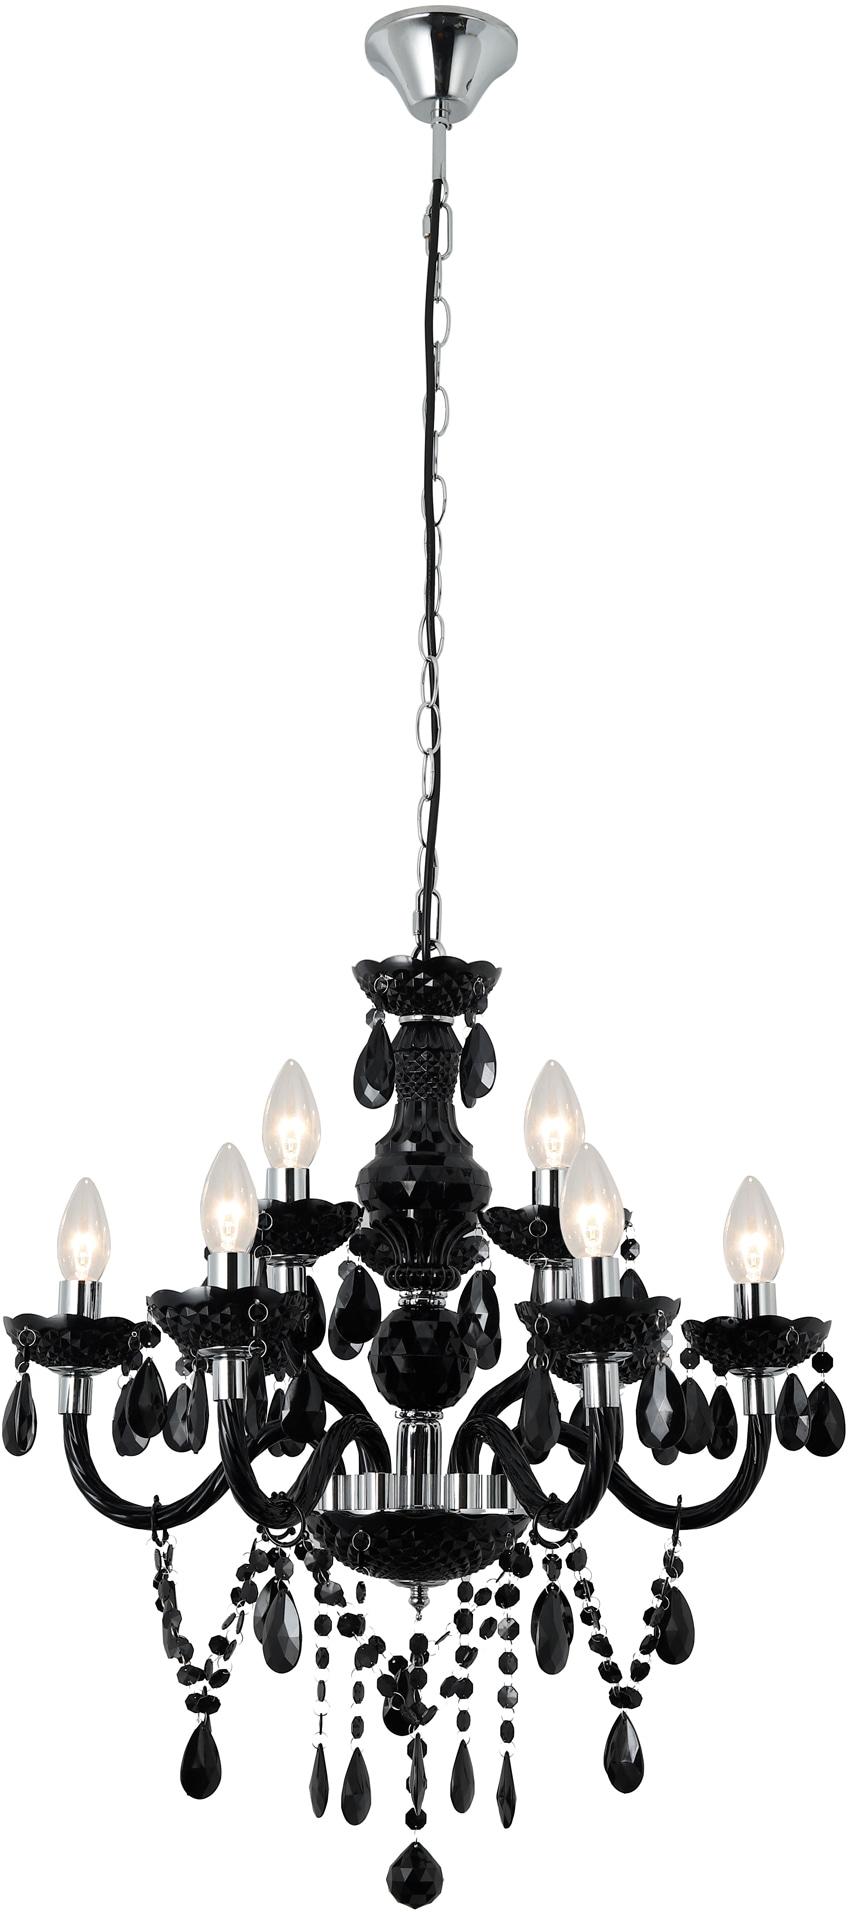 SalesFever Kronleuchter Matteo, E14, 9 Flammen aus schwarzem Acryl-Glas